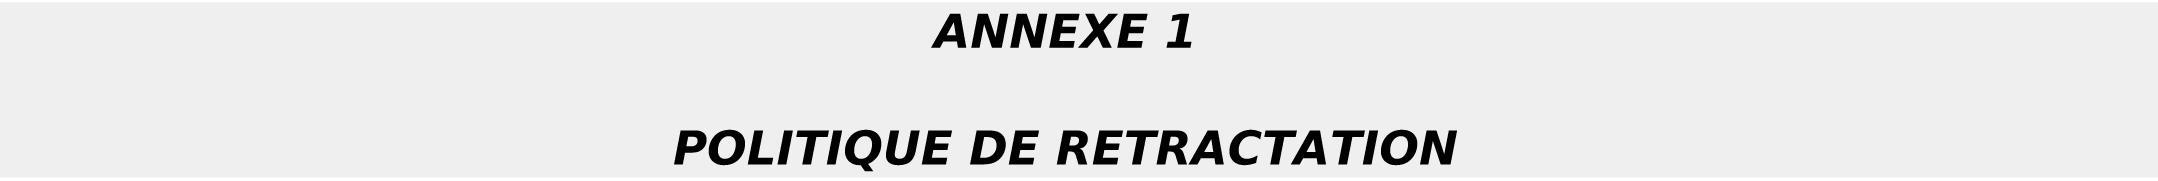 ANNEXE 1 POLITIQUE DE RETRACTATION